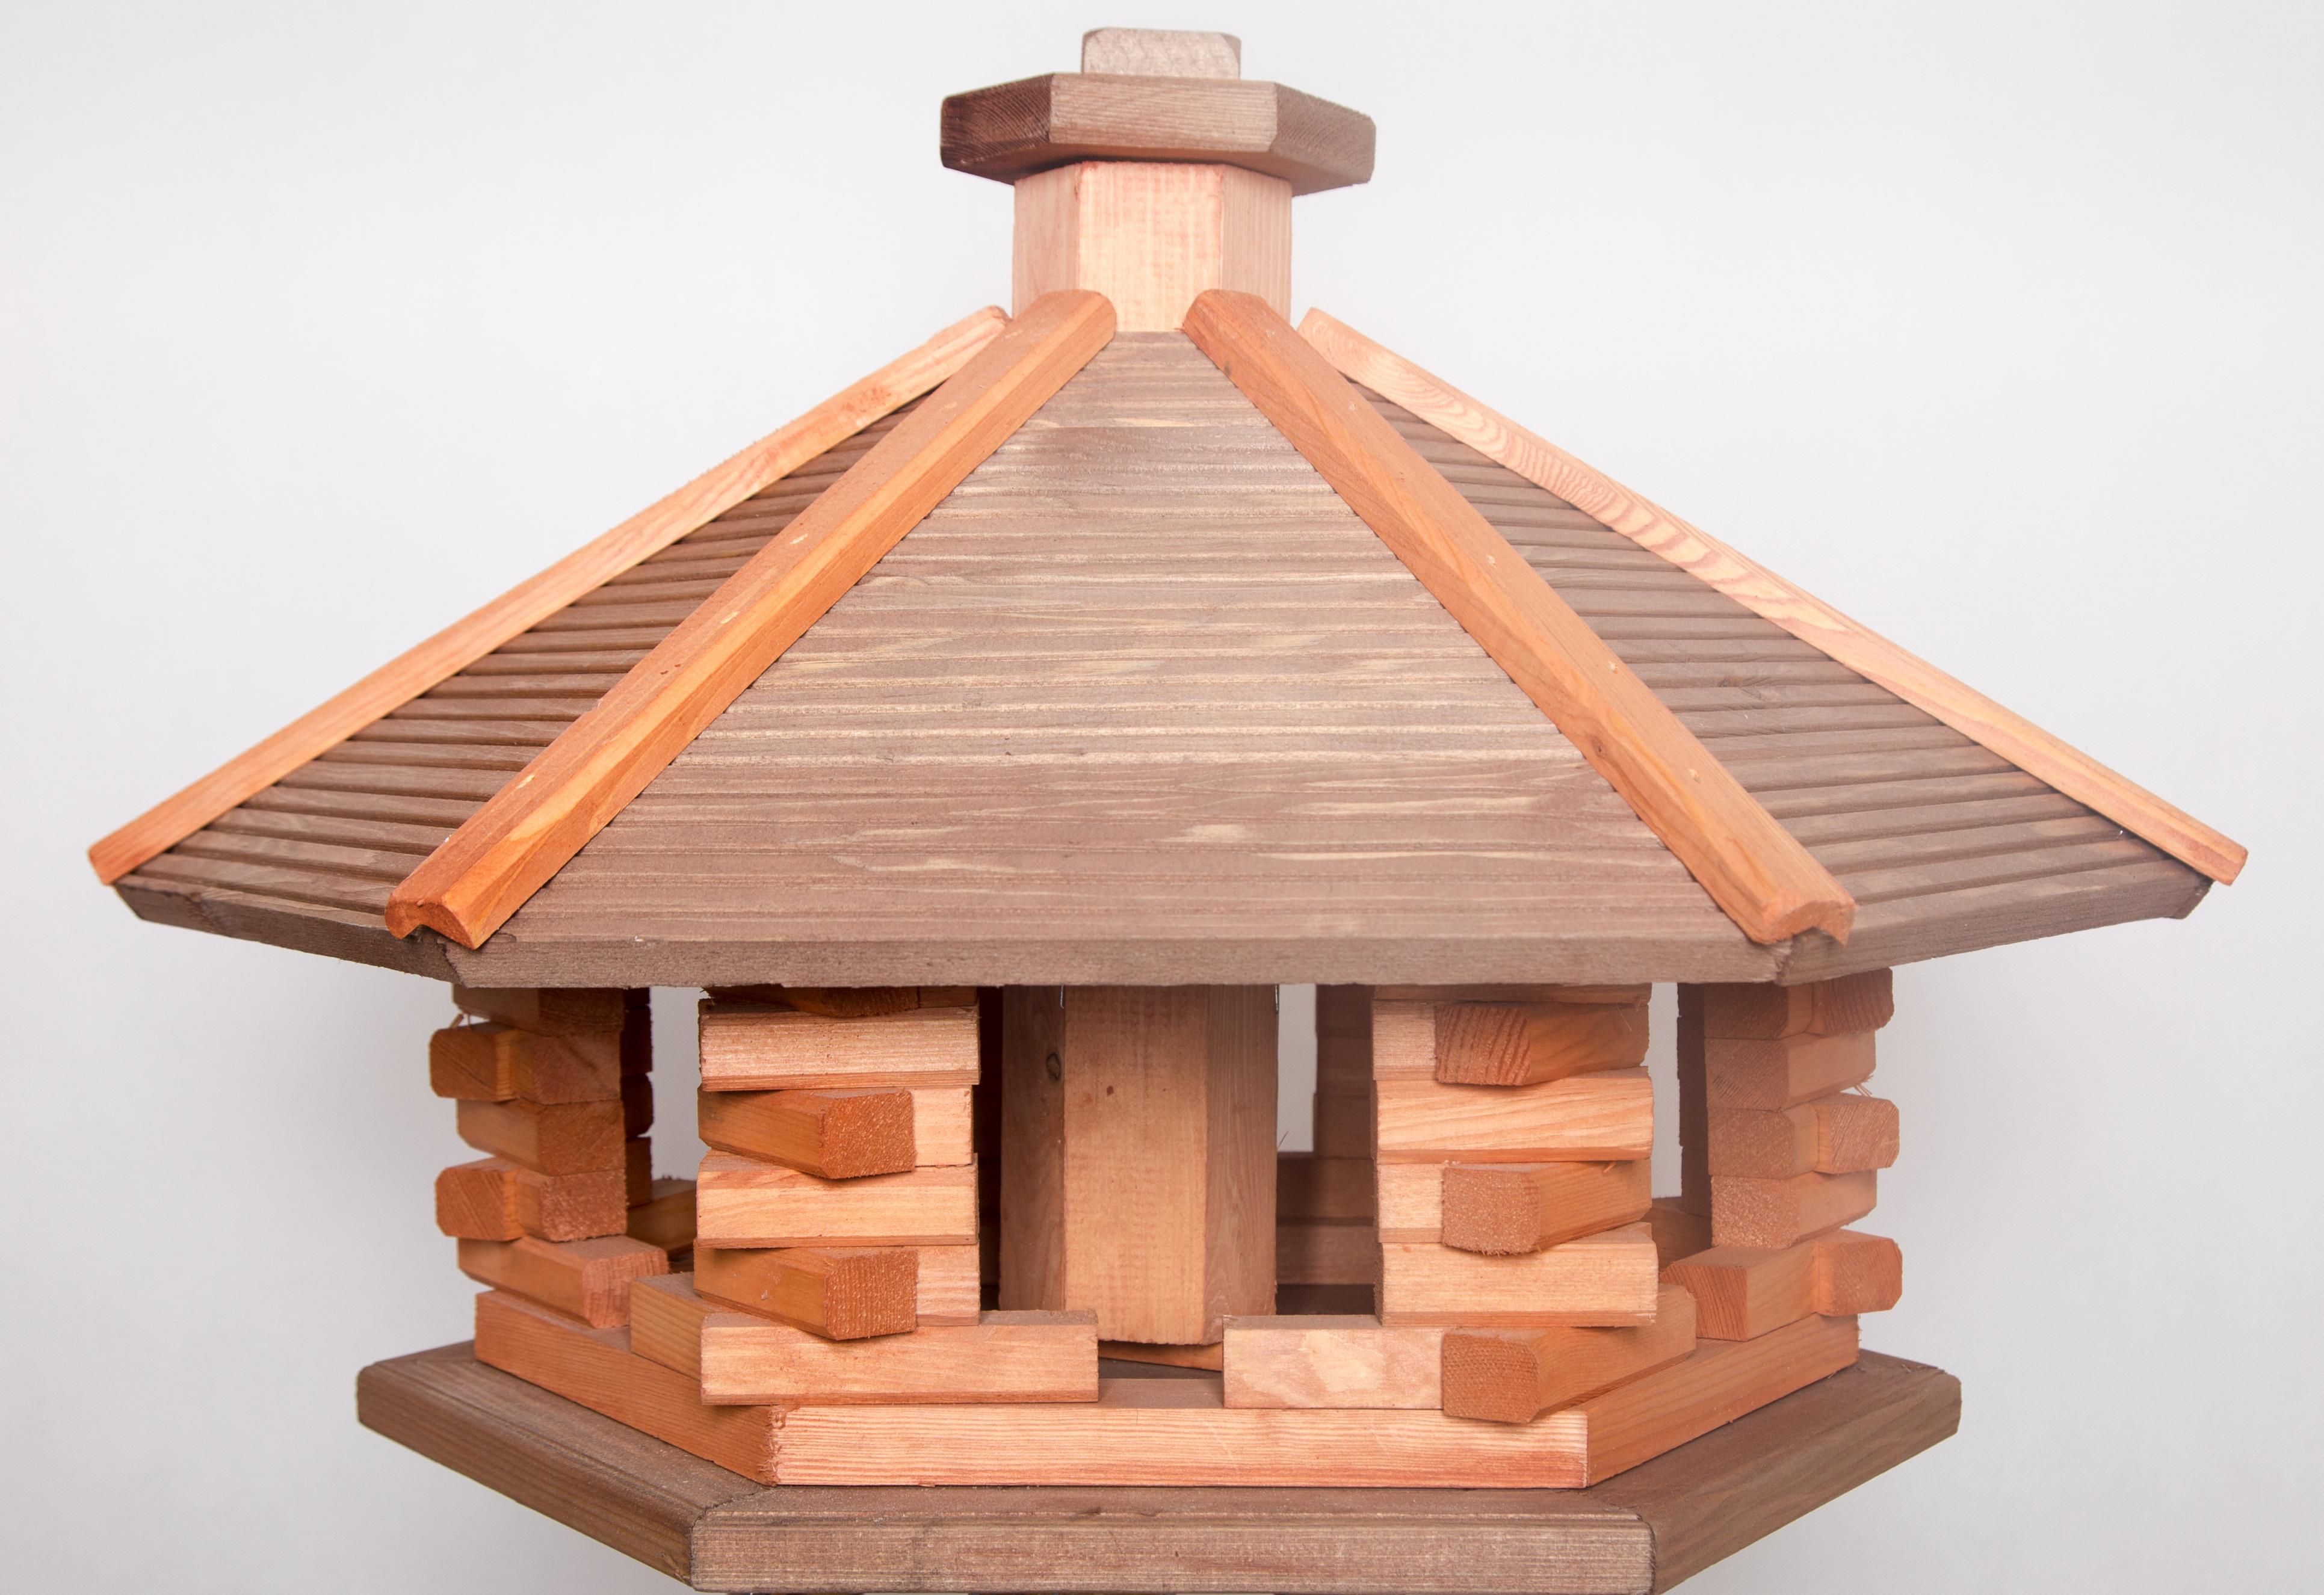 Gro e vogelhaus aus holz mit futtersilo masuren souvenir for Grosse esstische aus holz